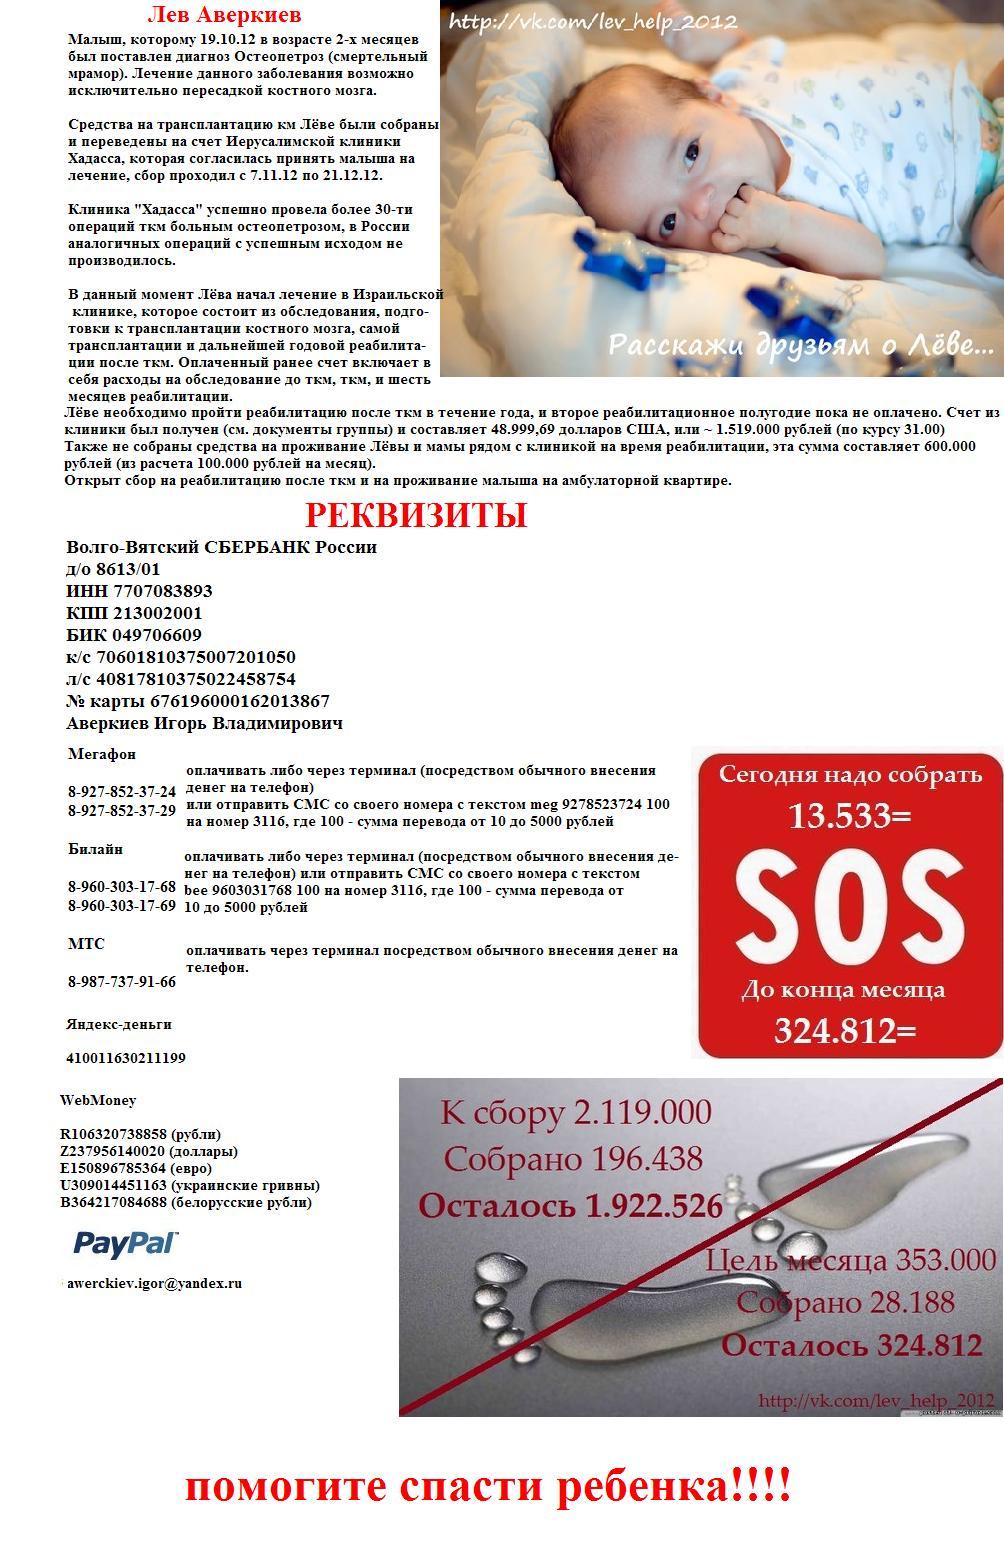 http://s6.hostingkartinok.com/uploads/images/2013/04/f053e0f0c0cf9041ebdb15798e0c56f7.jpg